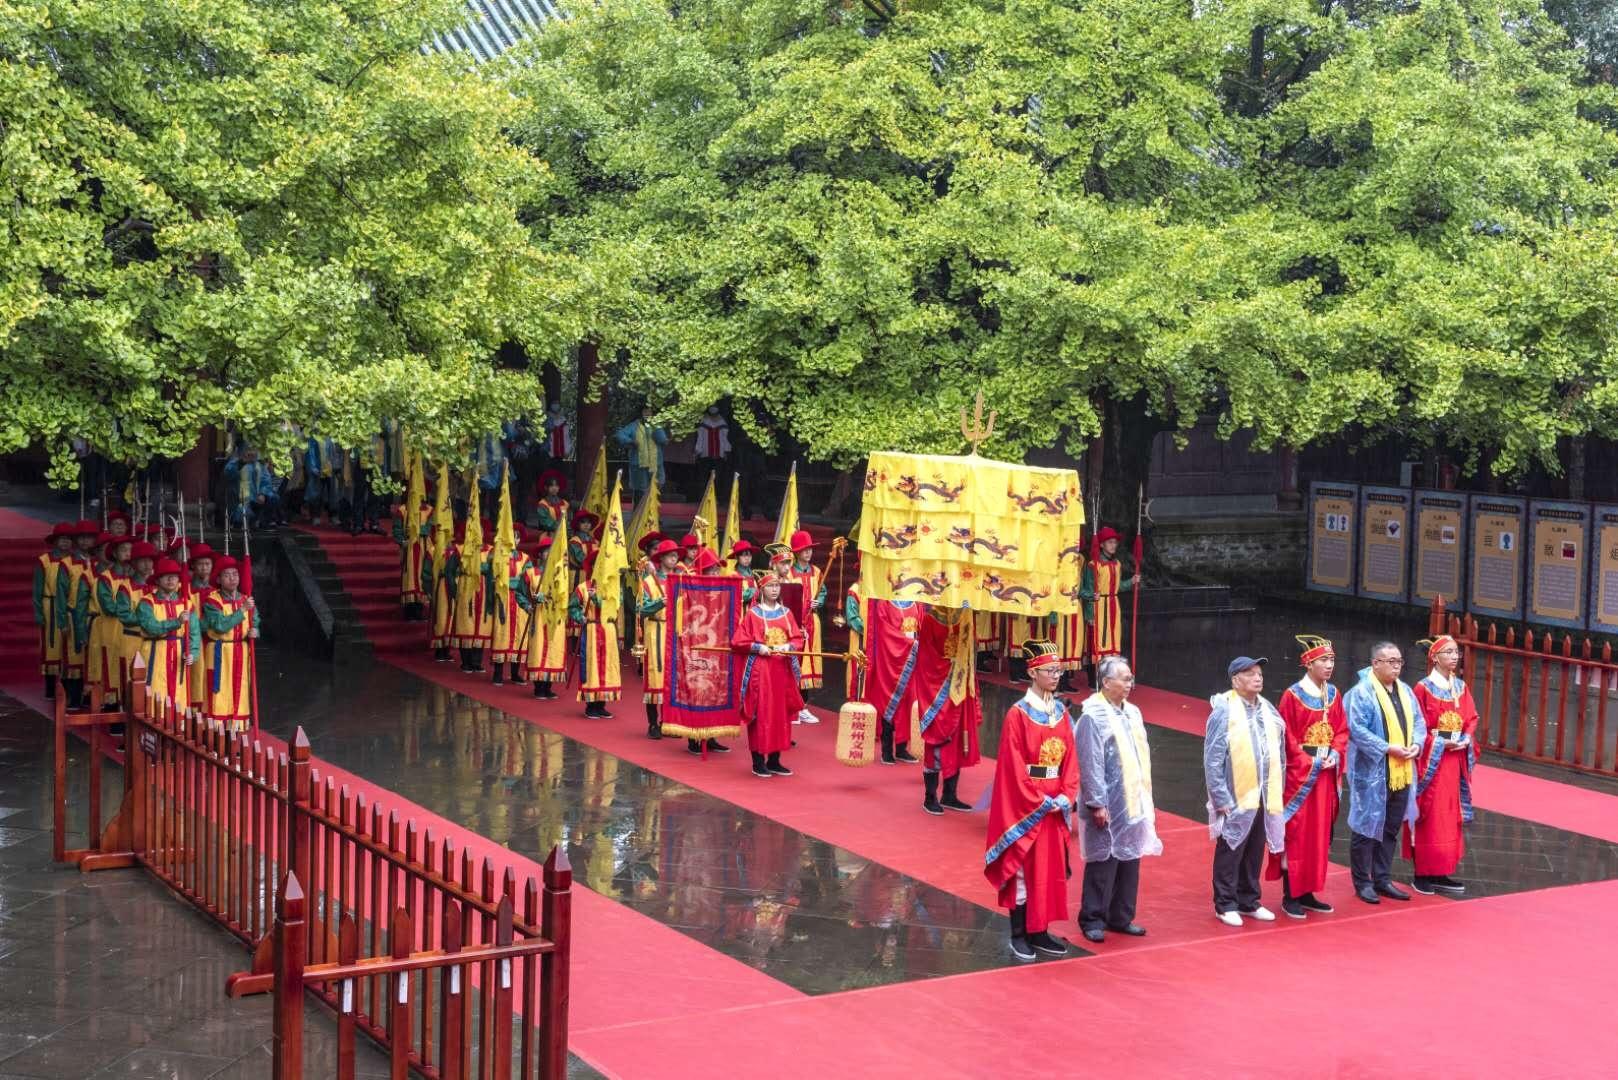 祭孔大典、诗会、展览 这个国庆来崇州文庙享传统文化盛宴